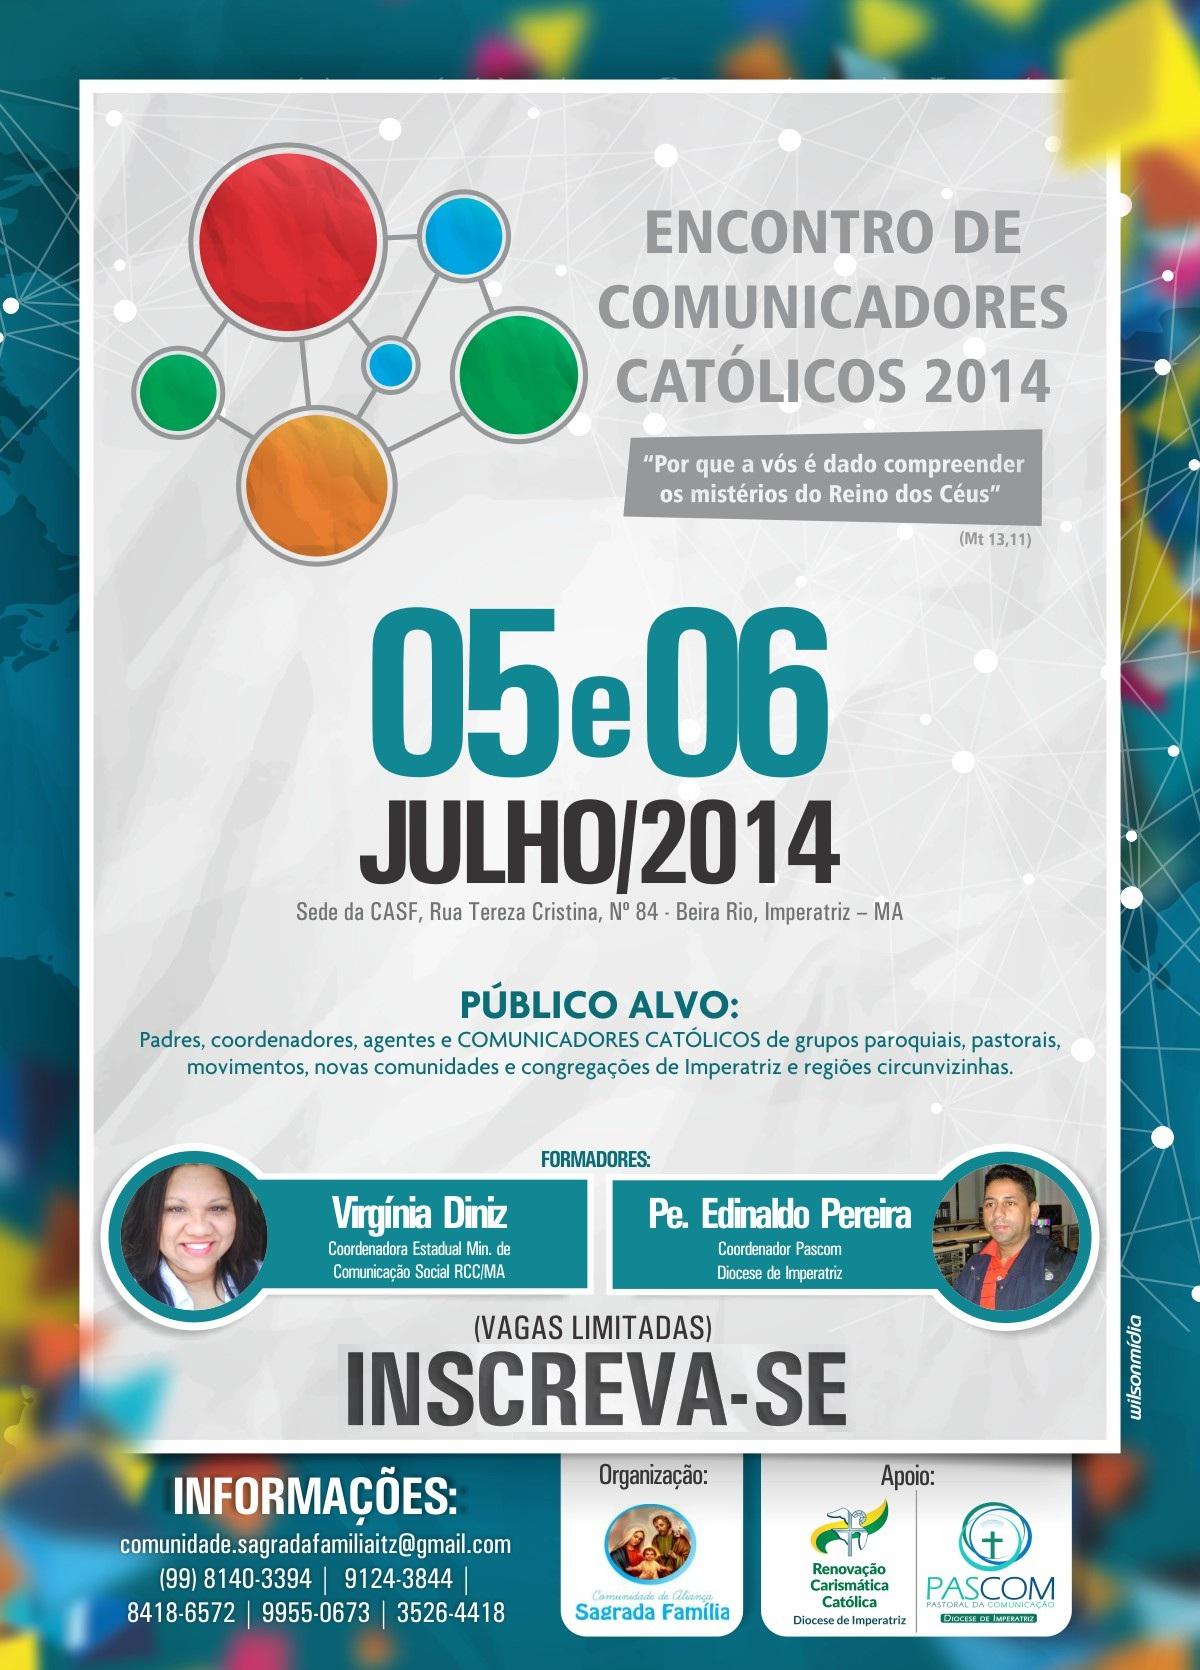 Encontro no Maranhão vai reunir comunicadores católicos